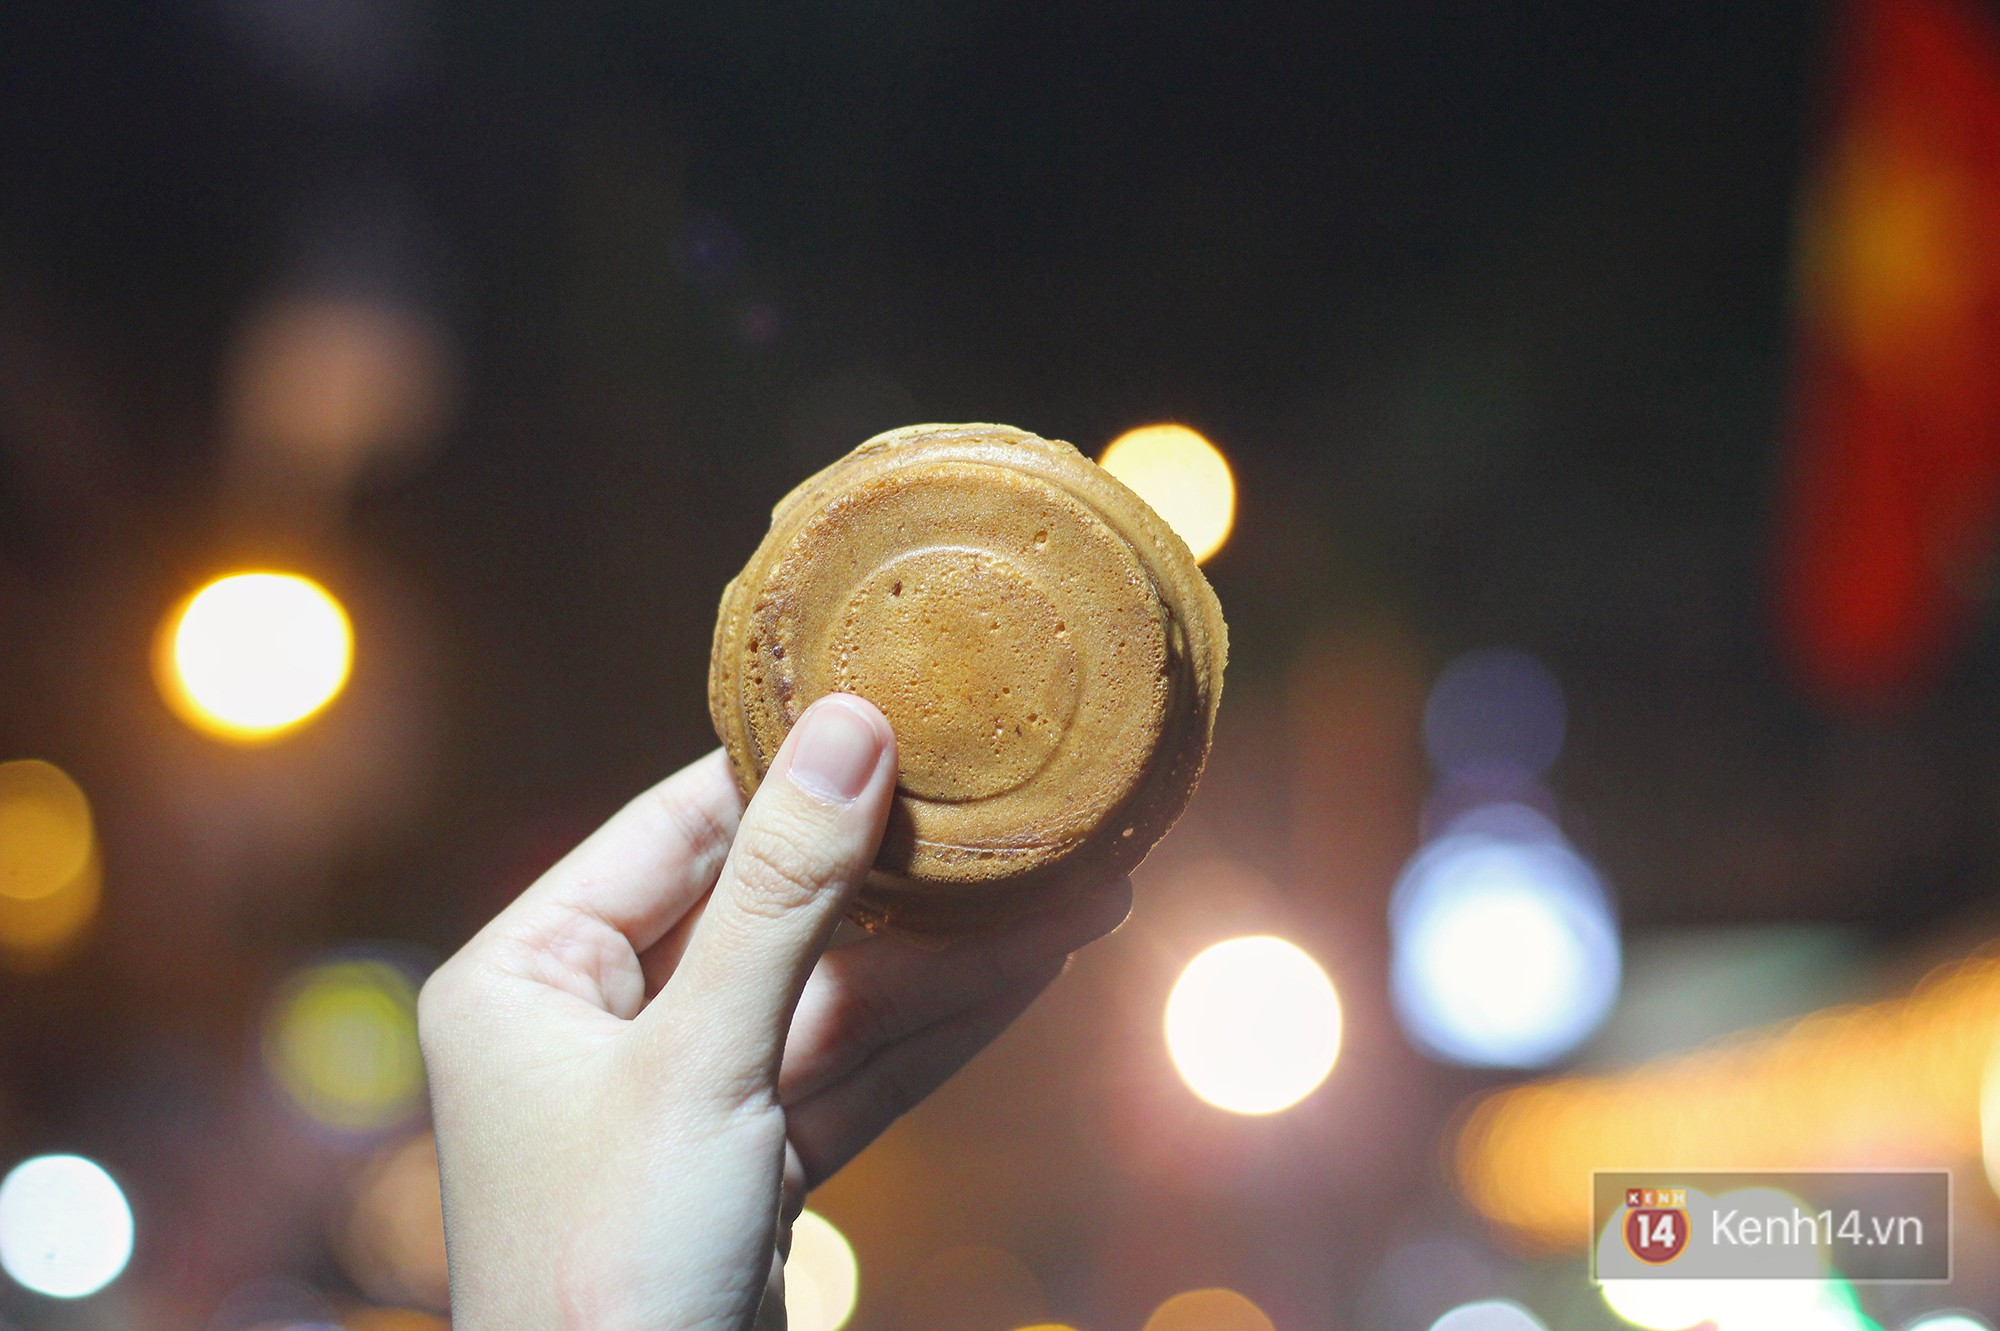 Người Đài Loan chia sẻ: phố đi bộ Hà Nội có bán món quà vặt quốc dân của Đài Loan ăn giống đến 95% - Ảnh 7.